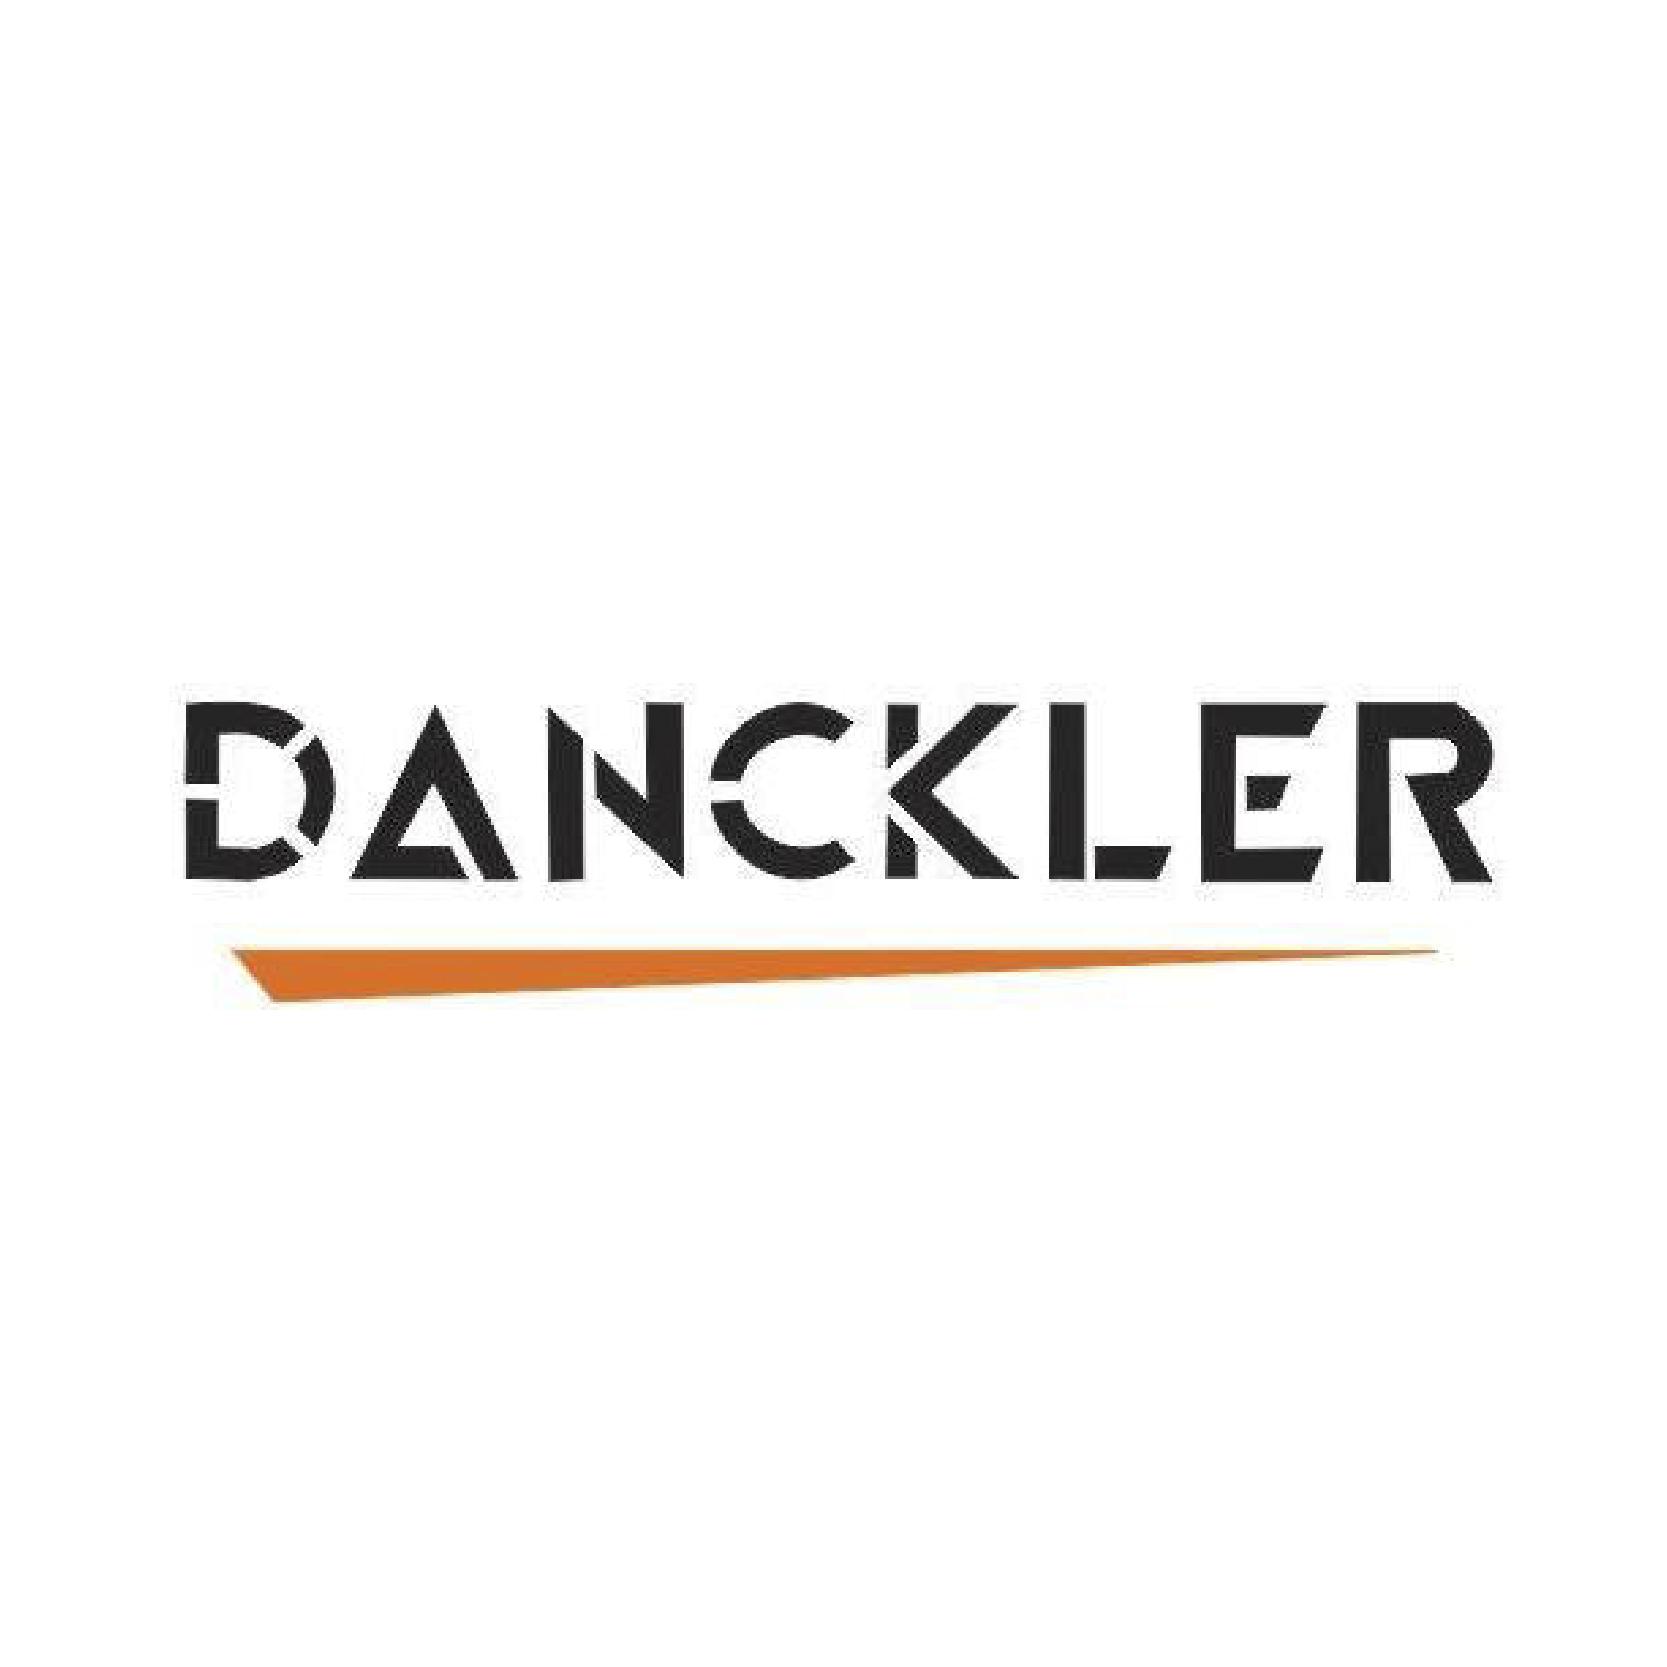 Danckler